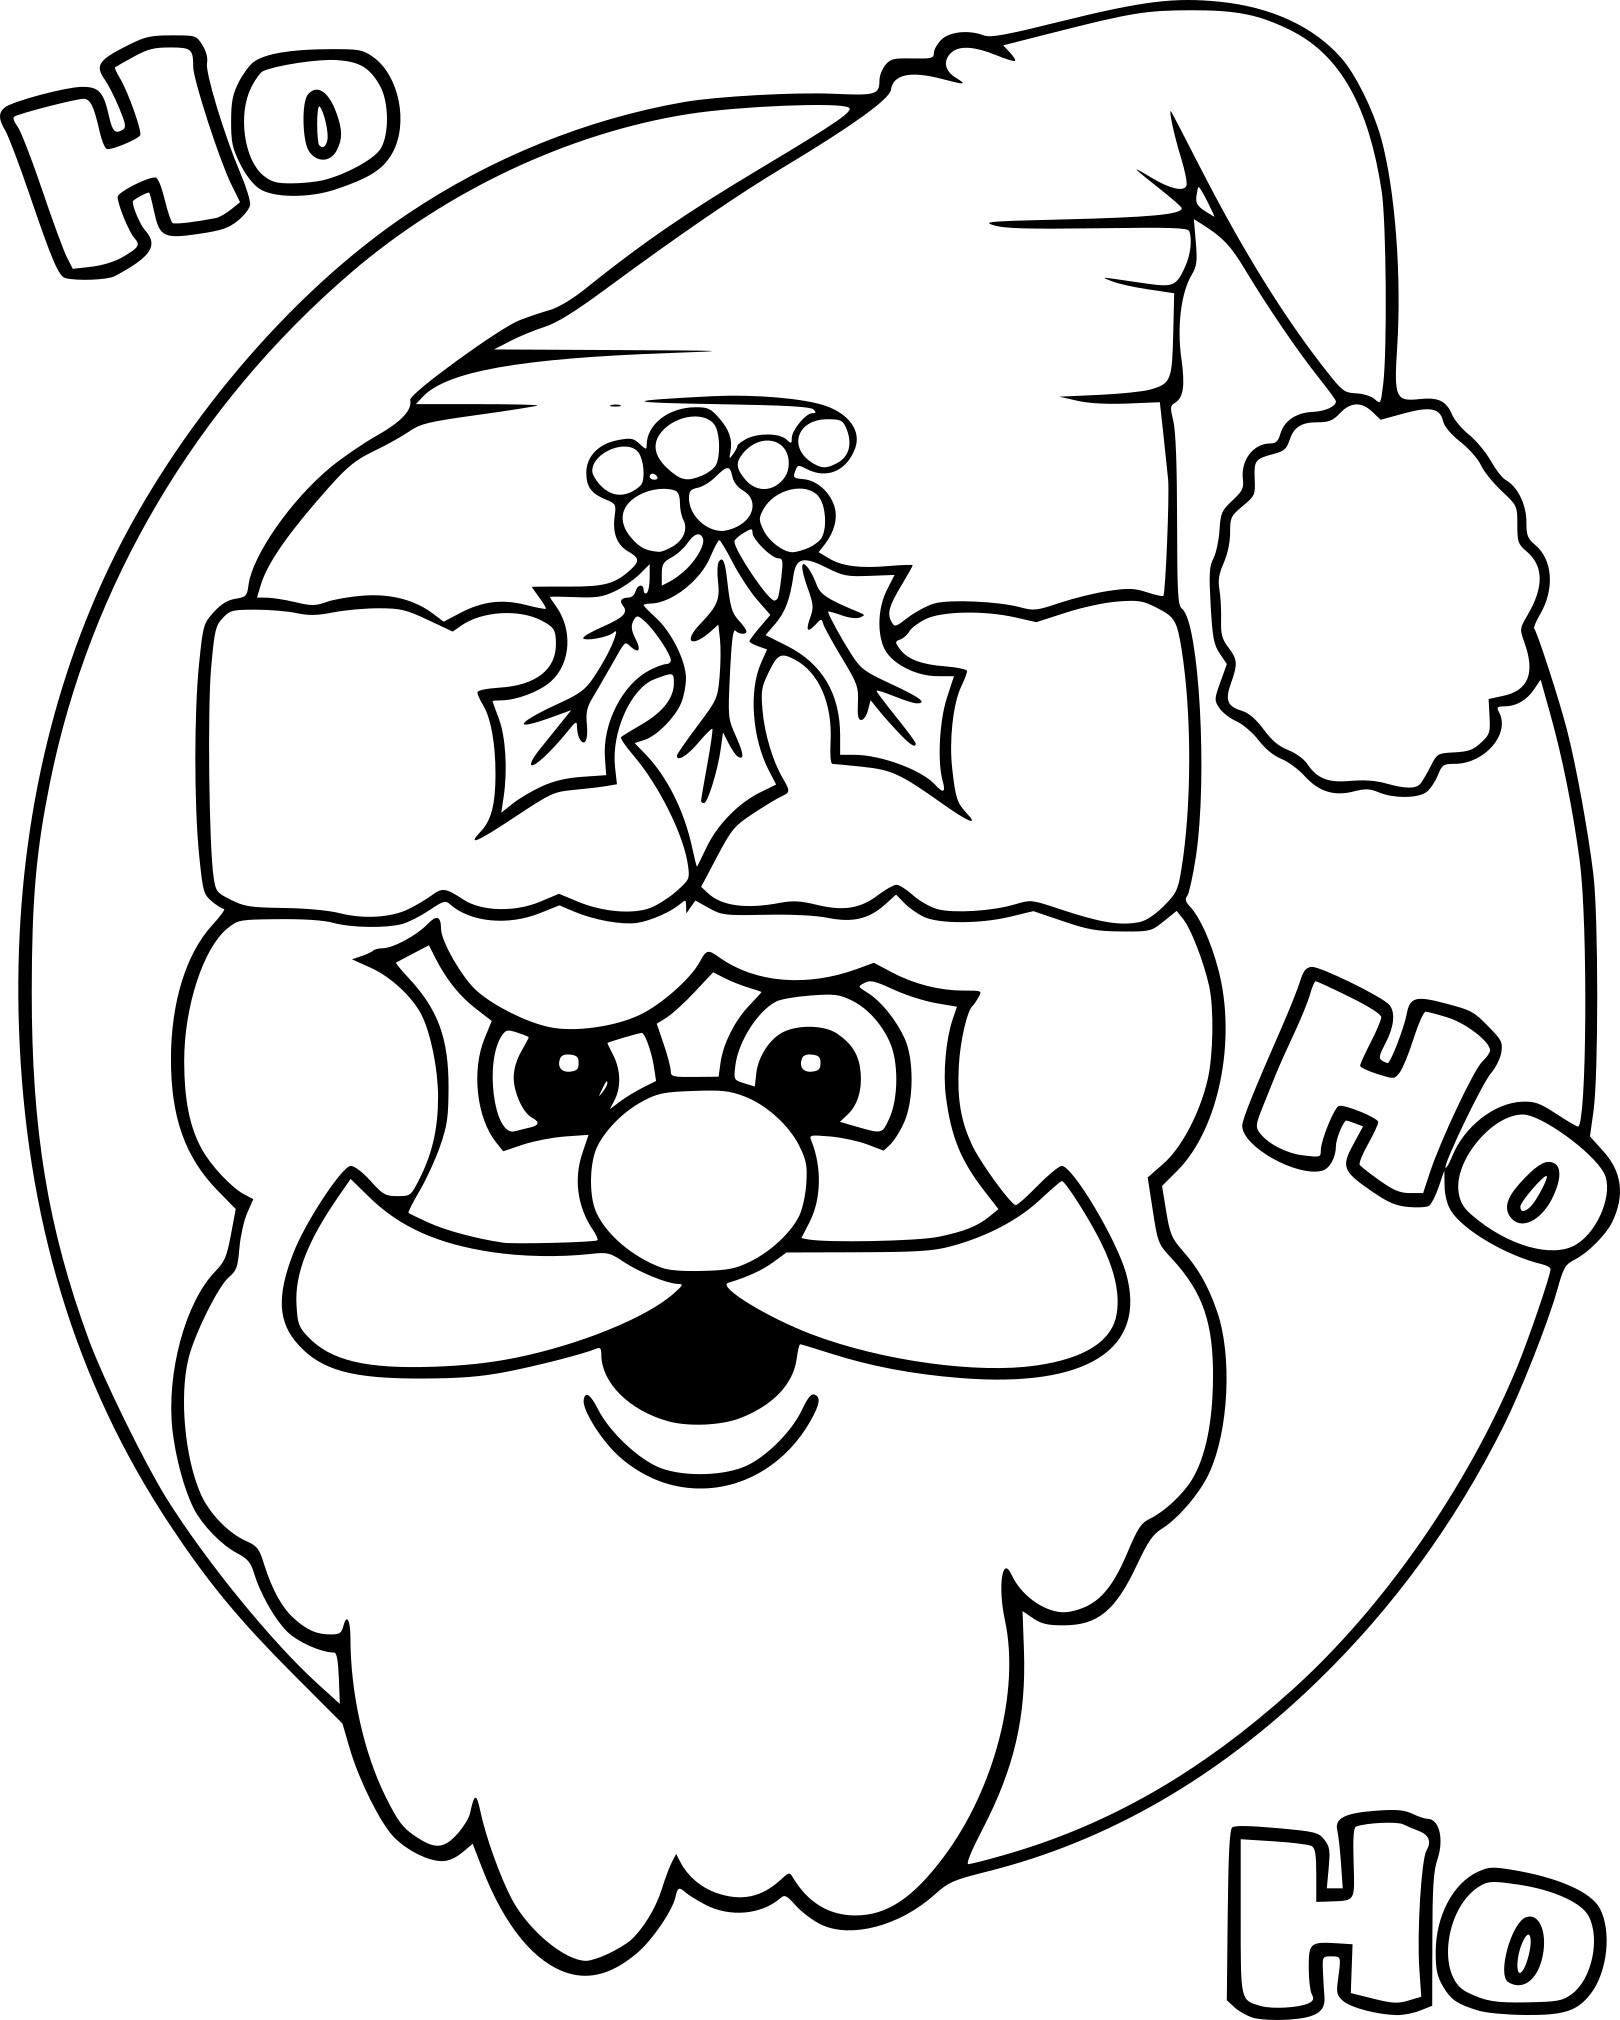 Coloriage Tete Du Pere Noel À Imprimer dedans Imprimer Dessin Pere Noel Gratuit